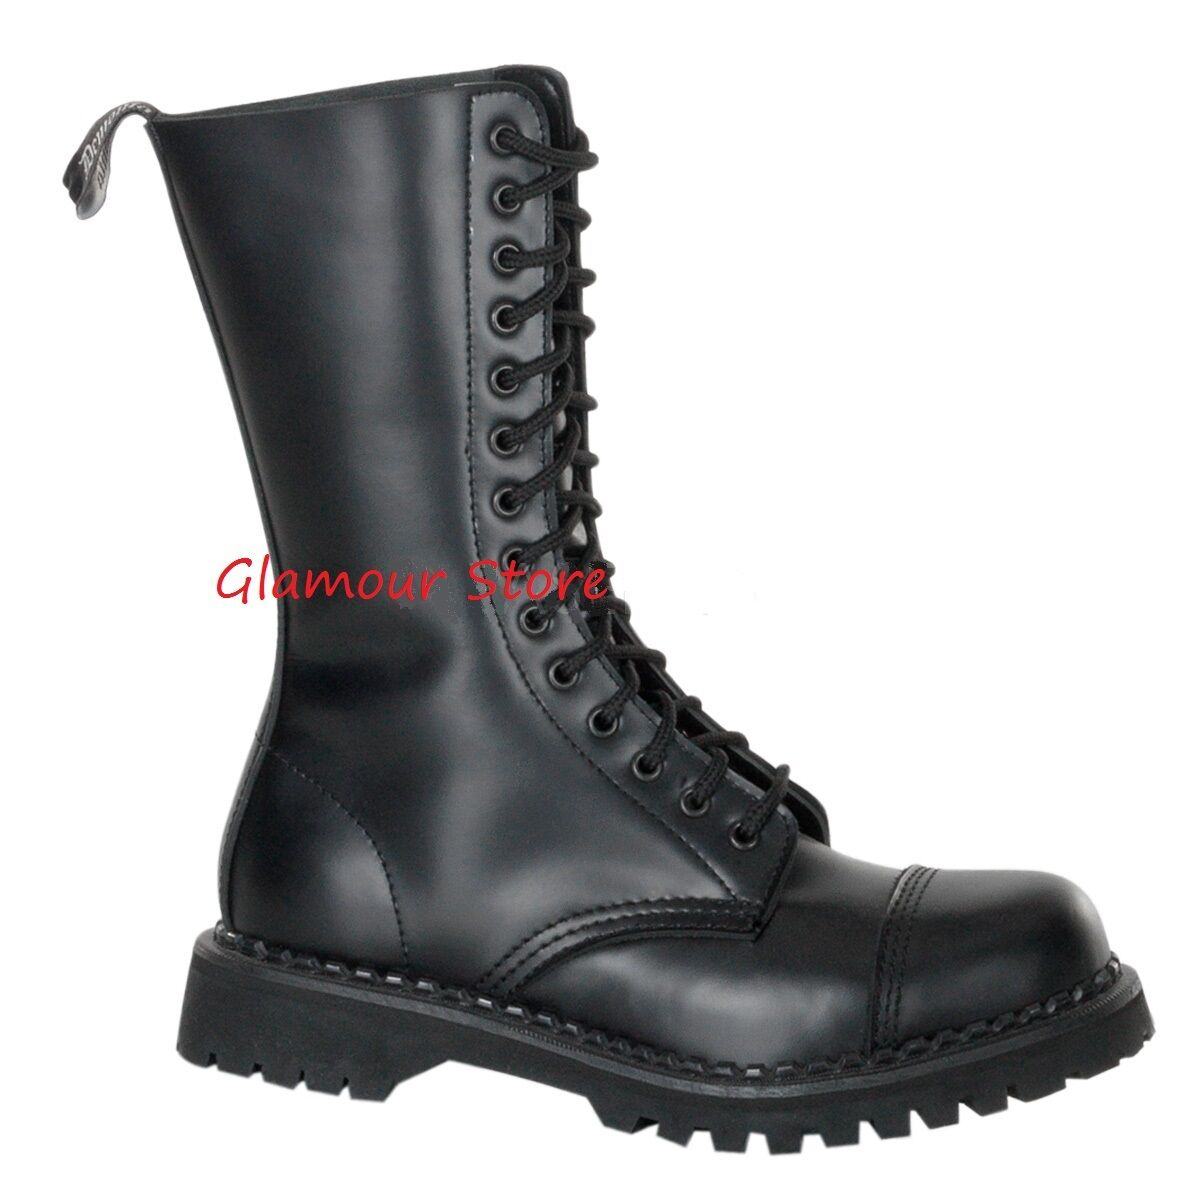 Stiefel Herren Absatz 3 cm Leder von 36 bis 46 schwarz Schnürsenkel